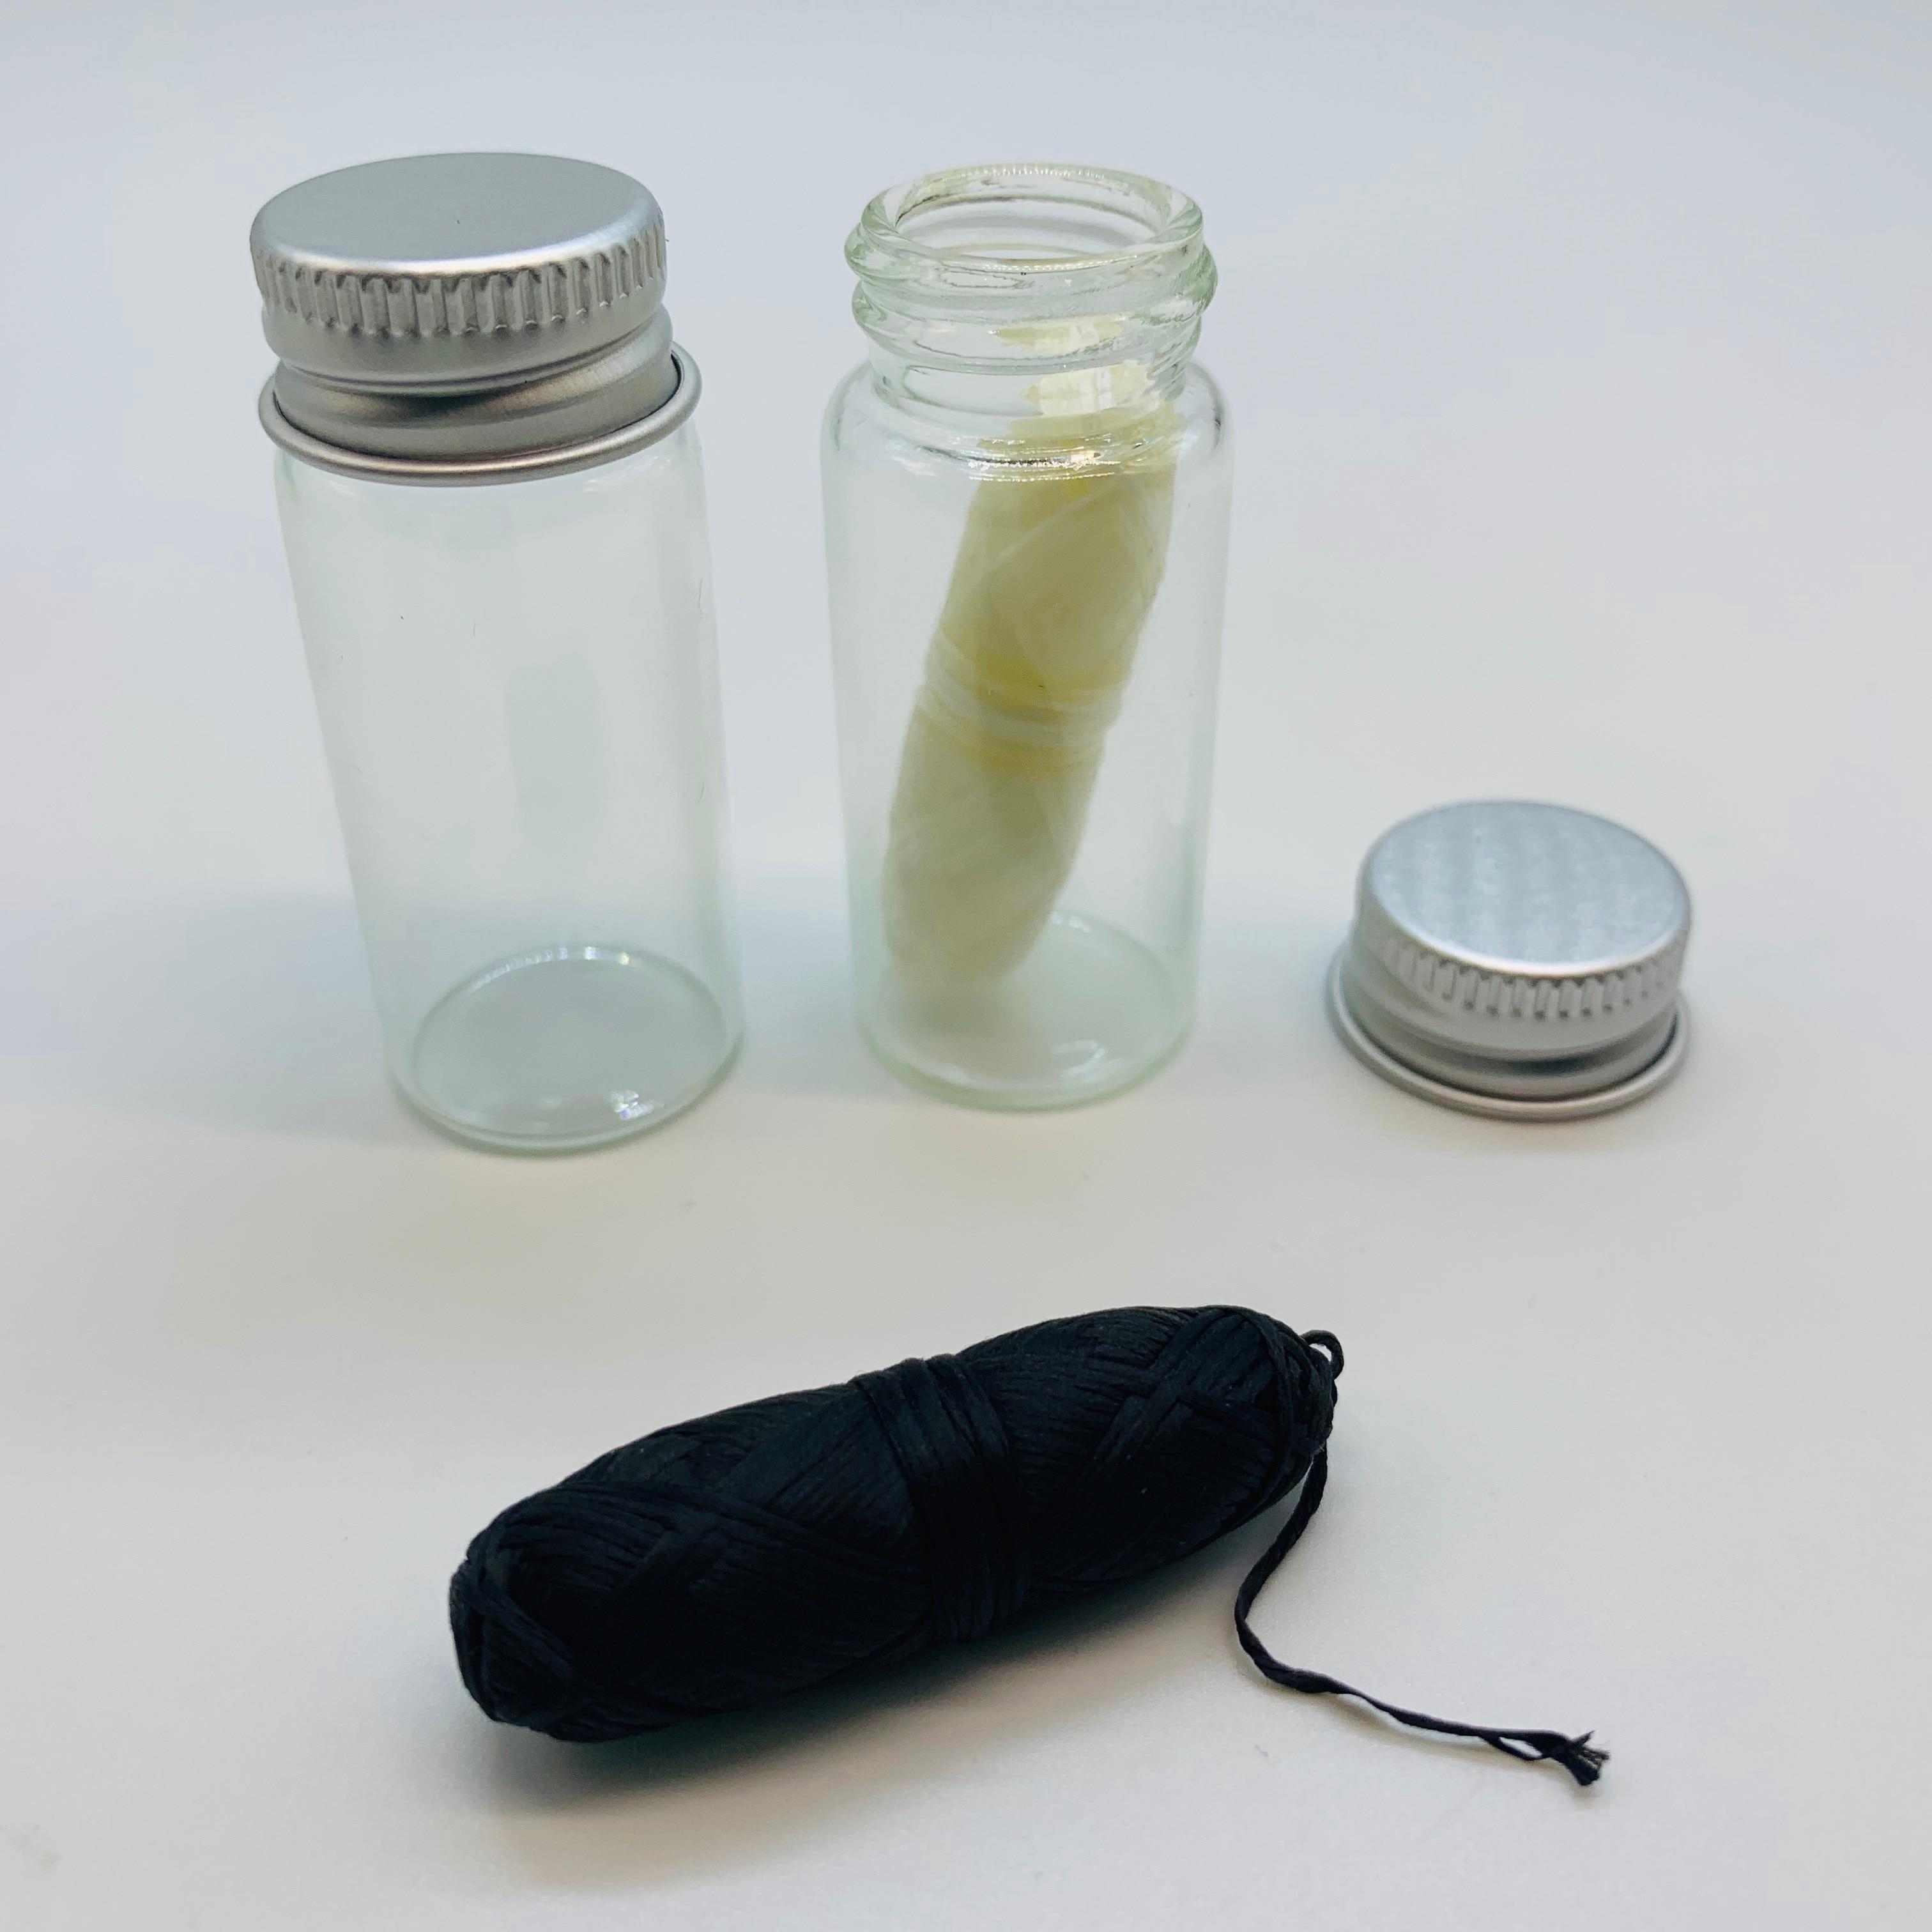 Эко зубная нить натуральная кукурузная нить ноль отходов бамбуковый уголь веганская Экологичная зубная нить